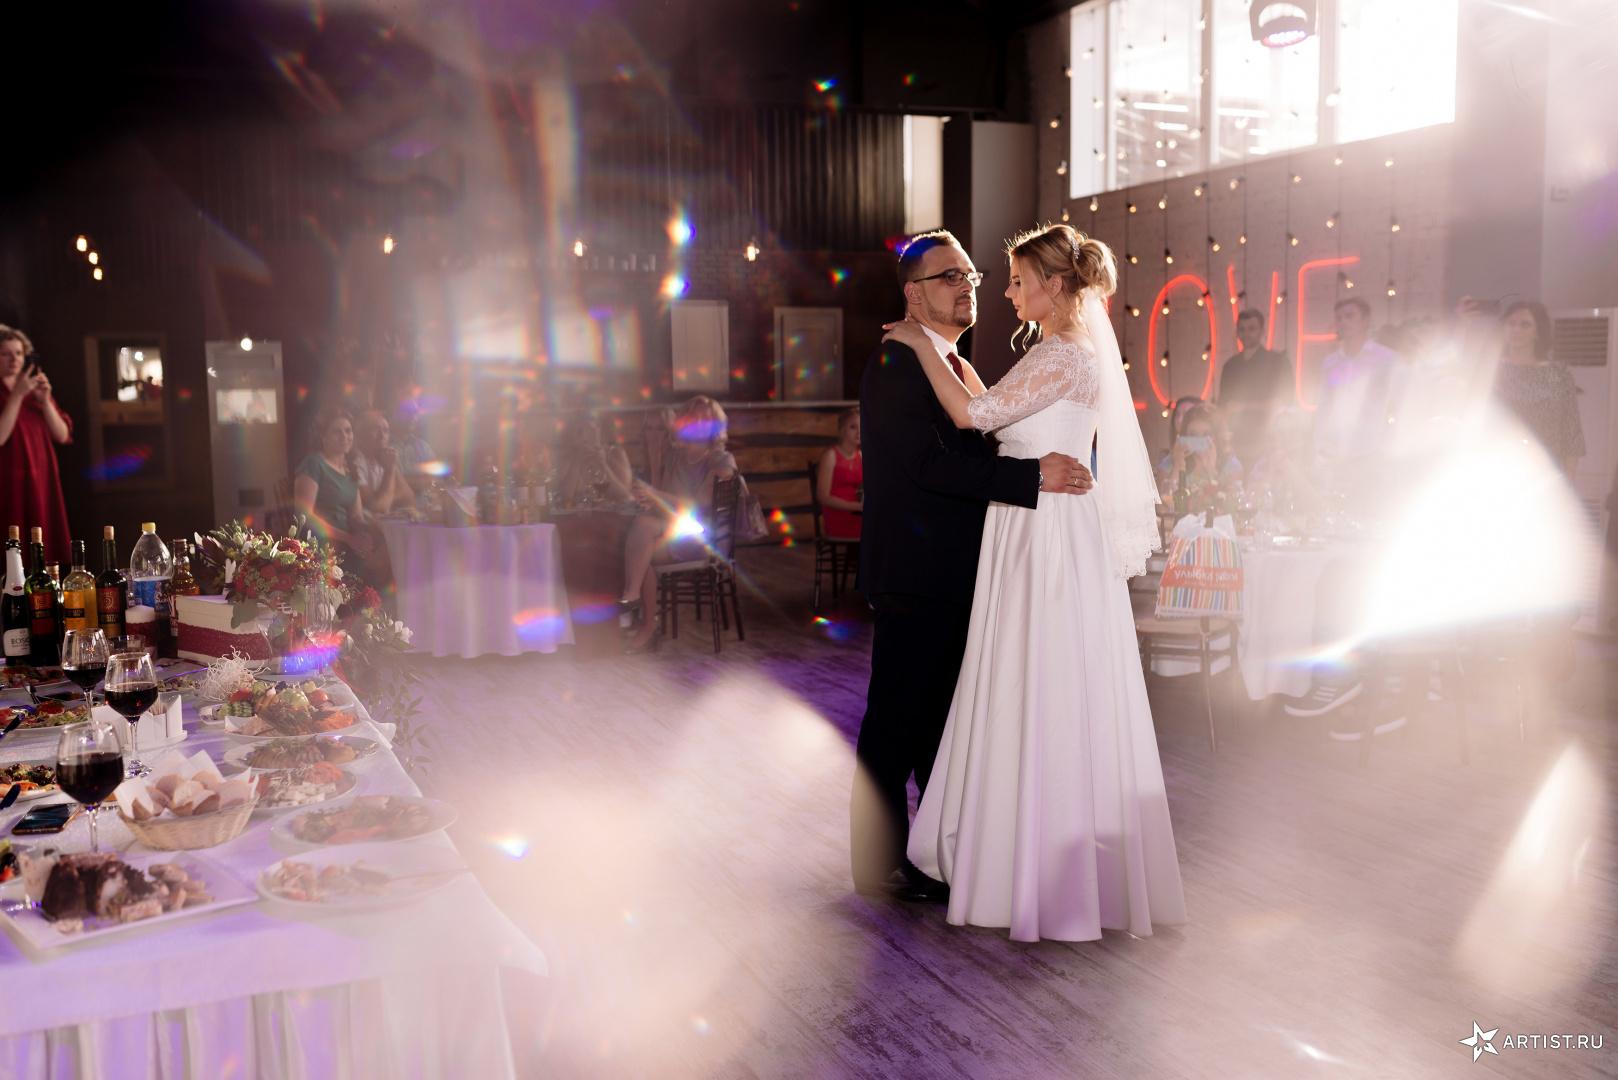 Фото 8 из 16 из альбома Свадьба Полины и Андрея 11 08 18 Андрея Кислого